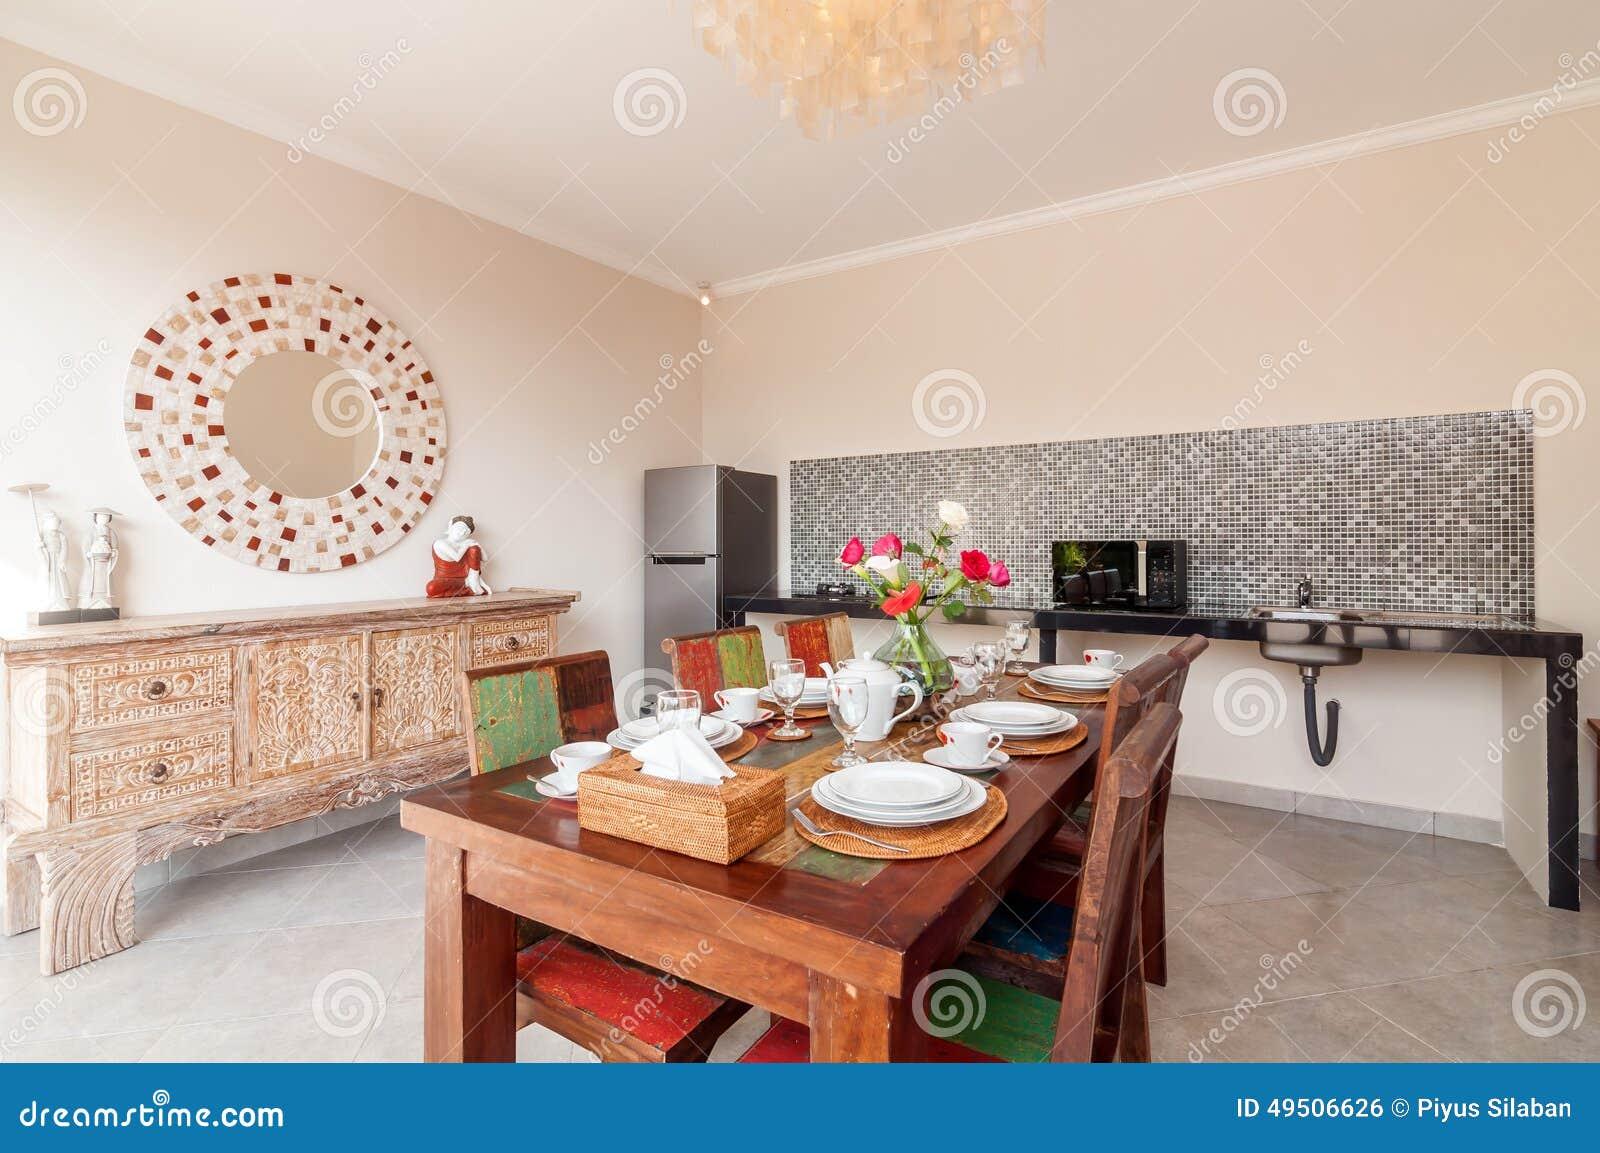 Cuisine avec table manger avantaprs design chic pour un for Table de salle a manger luxe